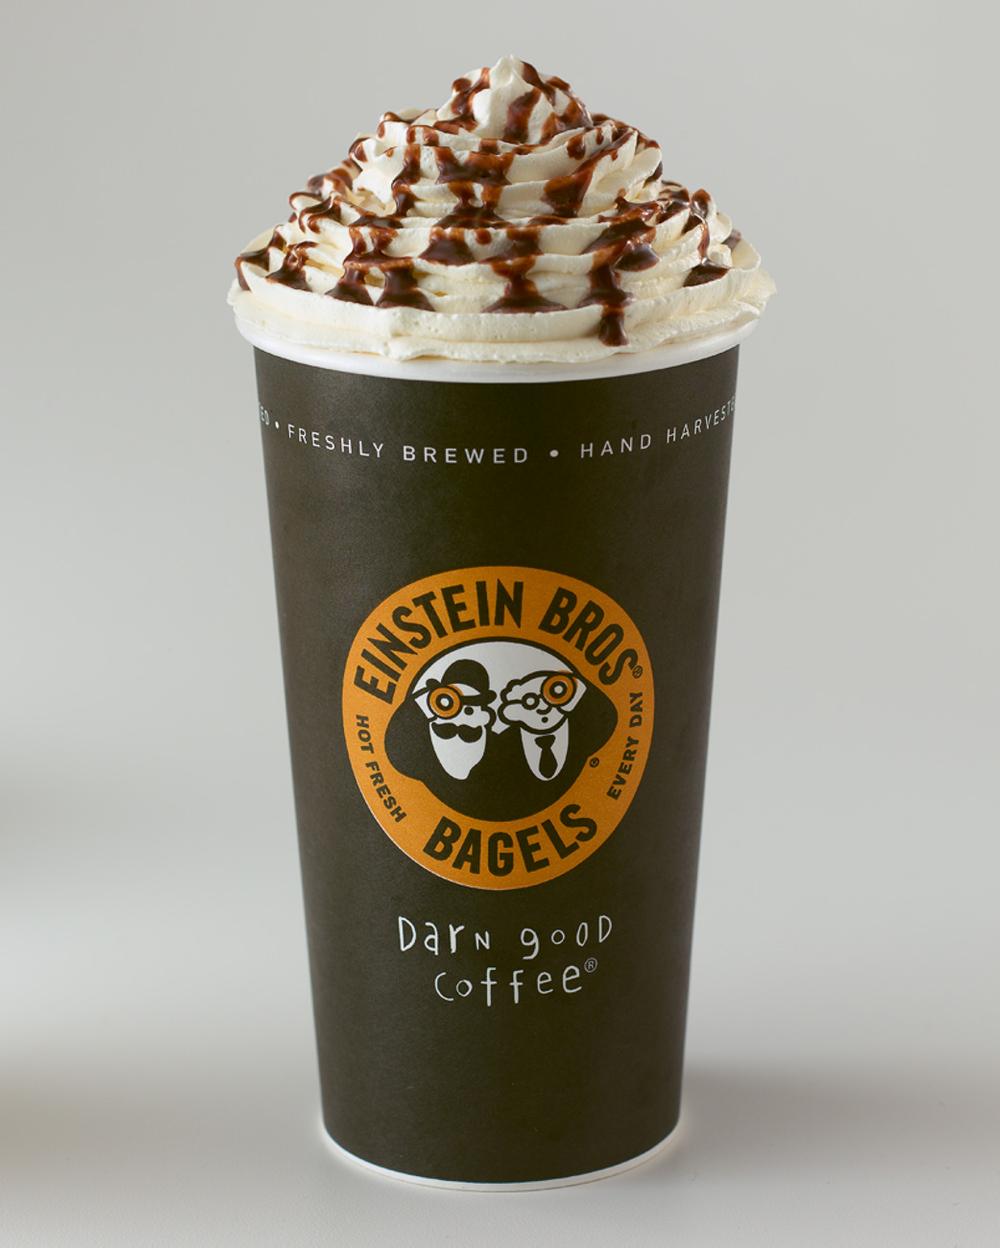 einstein-bros-mocha-coffee-drink-food-stylist-san-francisco.jpg